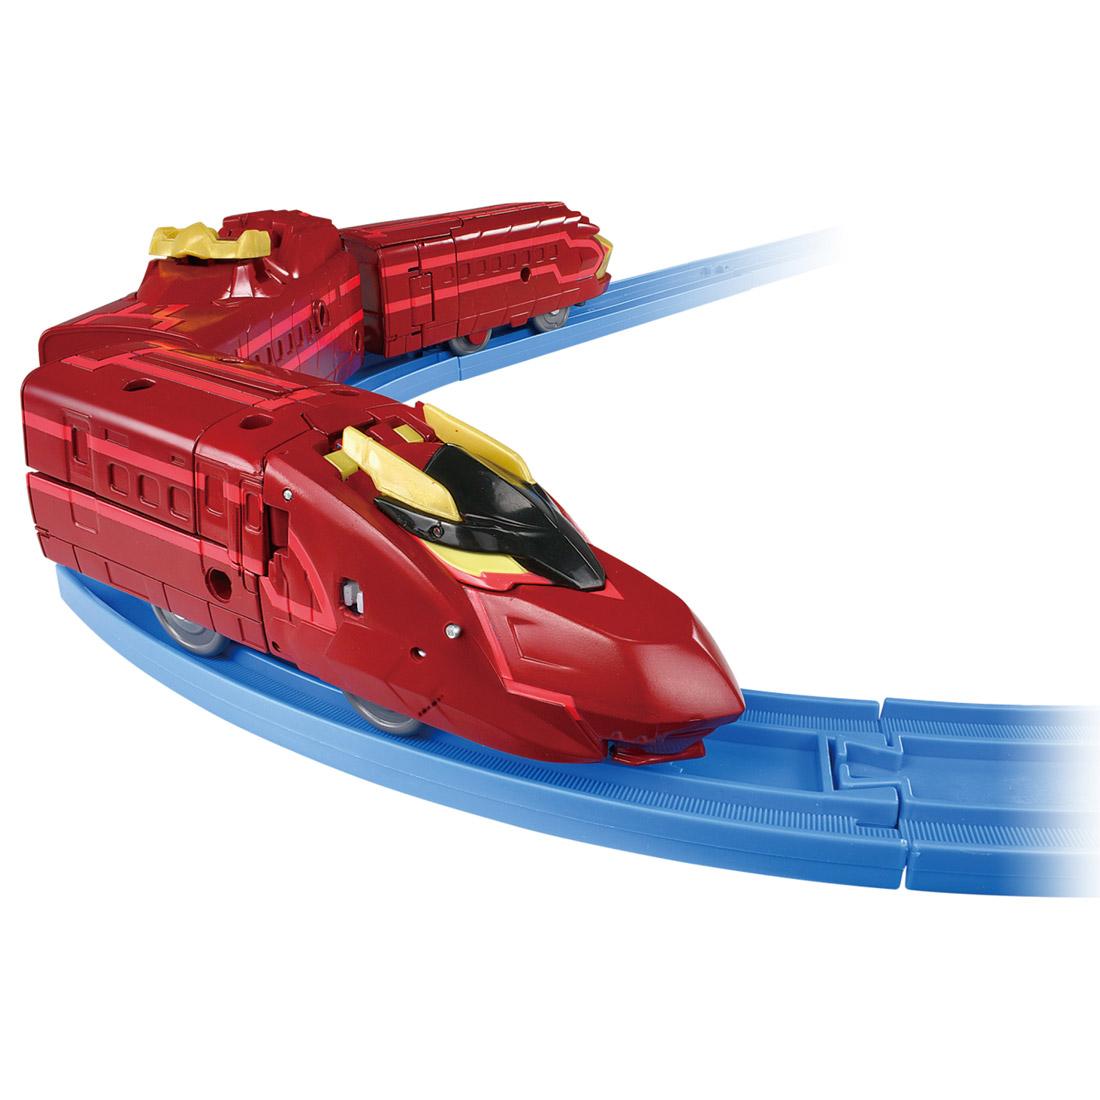 新幹線変形ロボ シンカリオン『DXS13 ブラックシンカリオン紅』可変可動プラレール-003